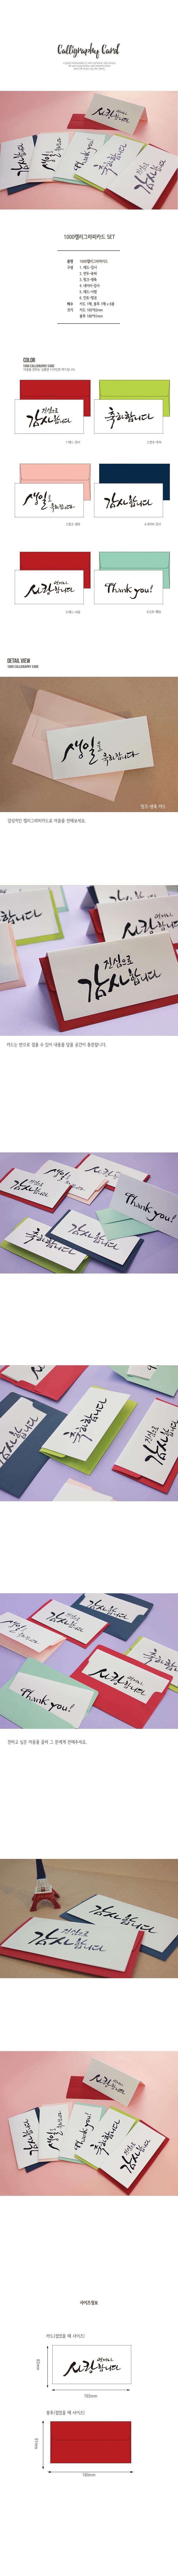 1000캘리그라피카드 - 느티나무, 1,000원, 카드, 감사 카드